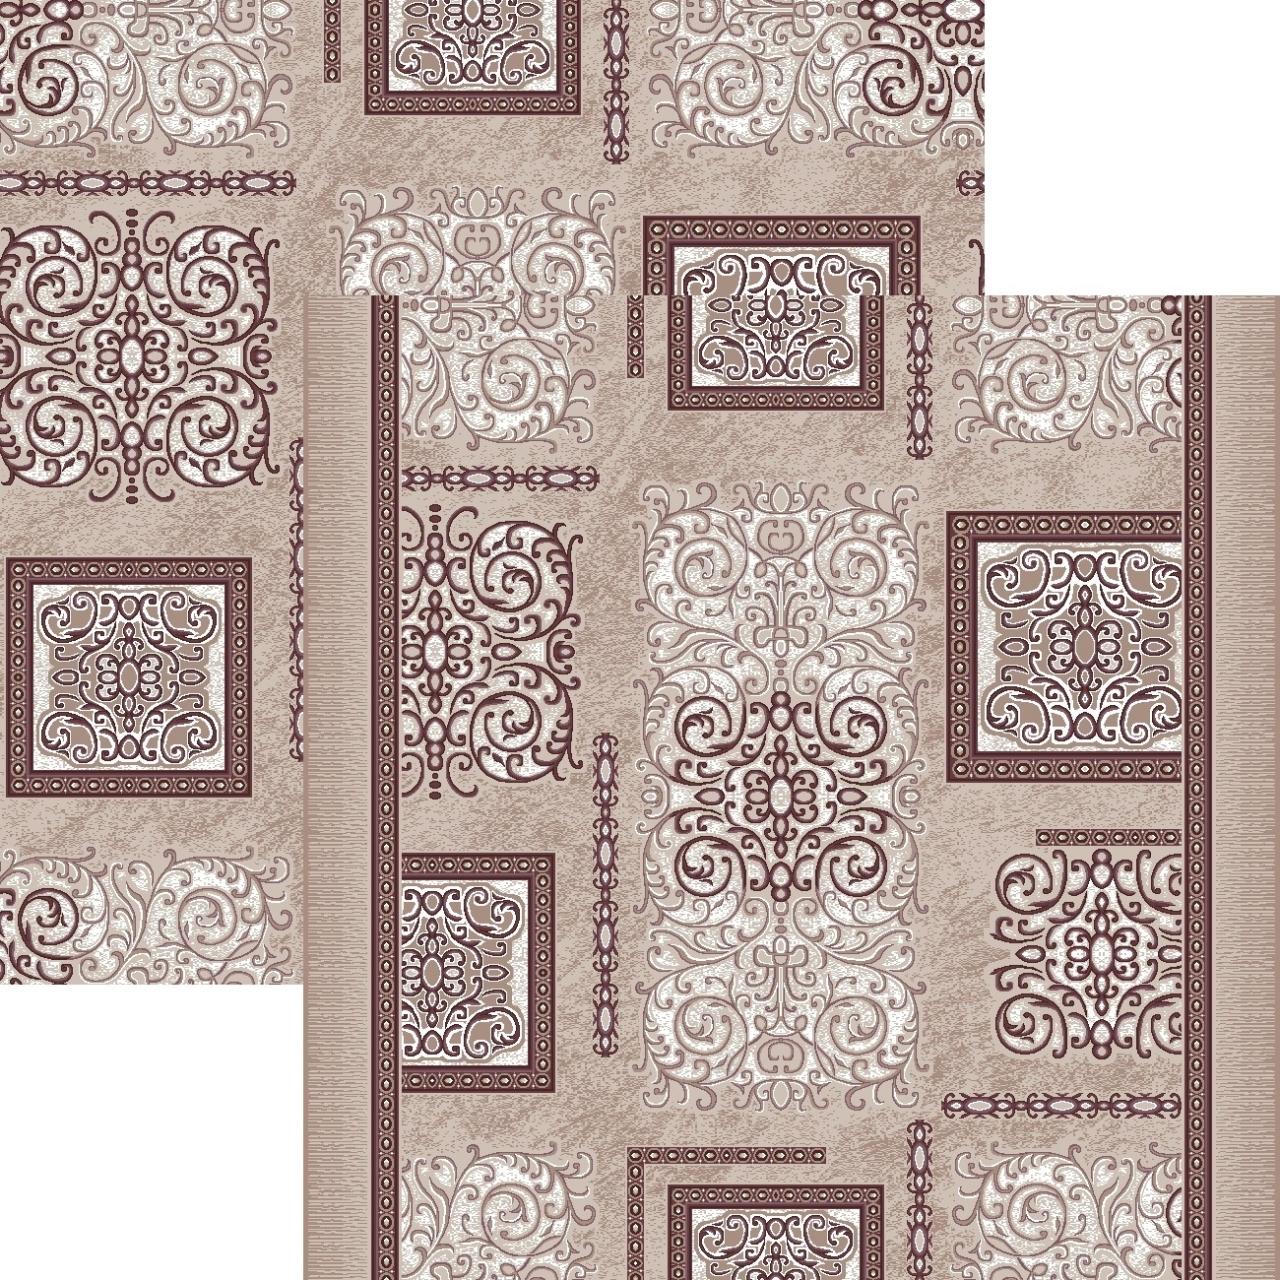 Ковровая дорожка p1614c5r - 93 - коллекция принт 8-ми цветная дорожка - фото 1